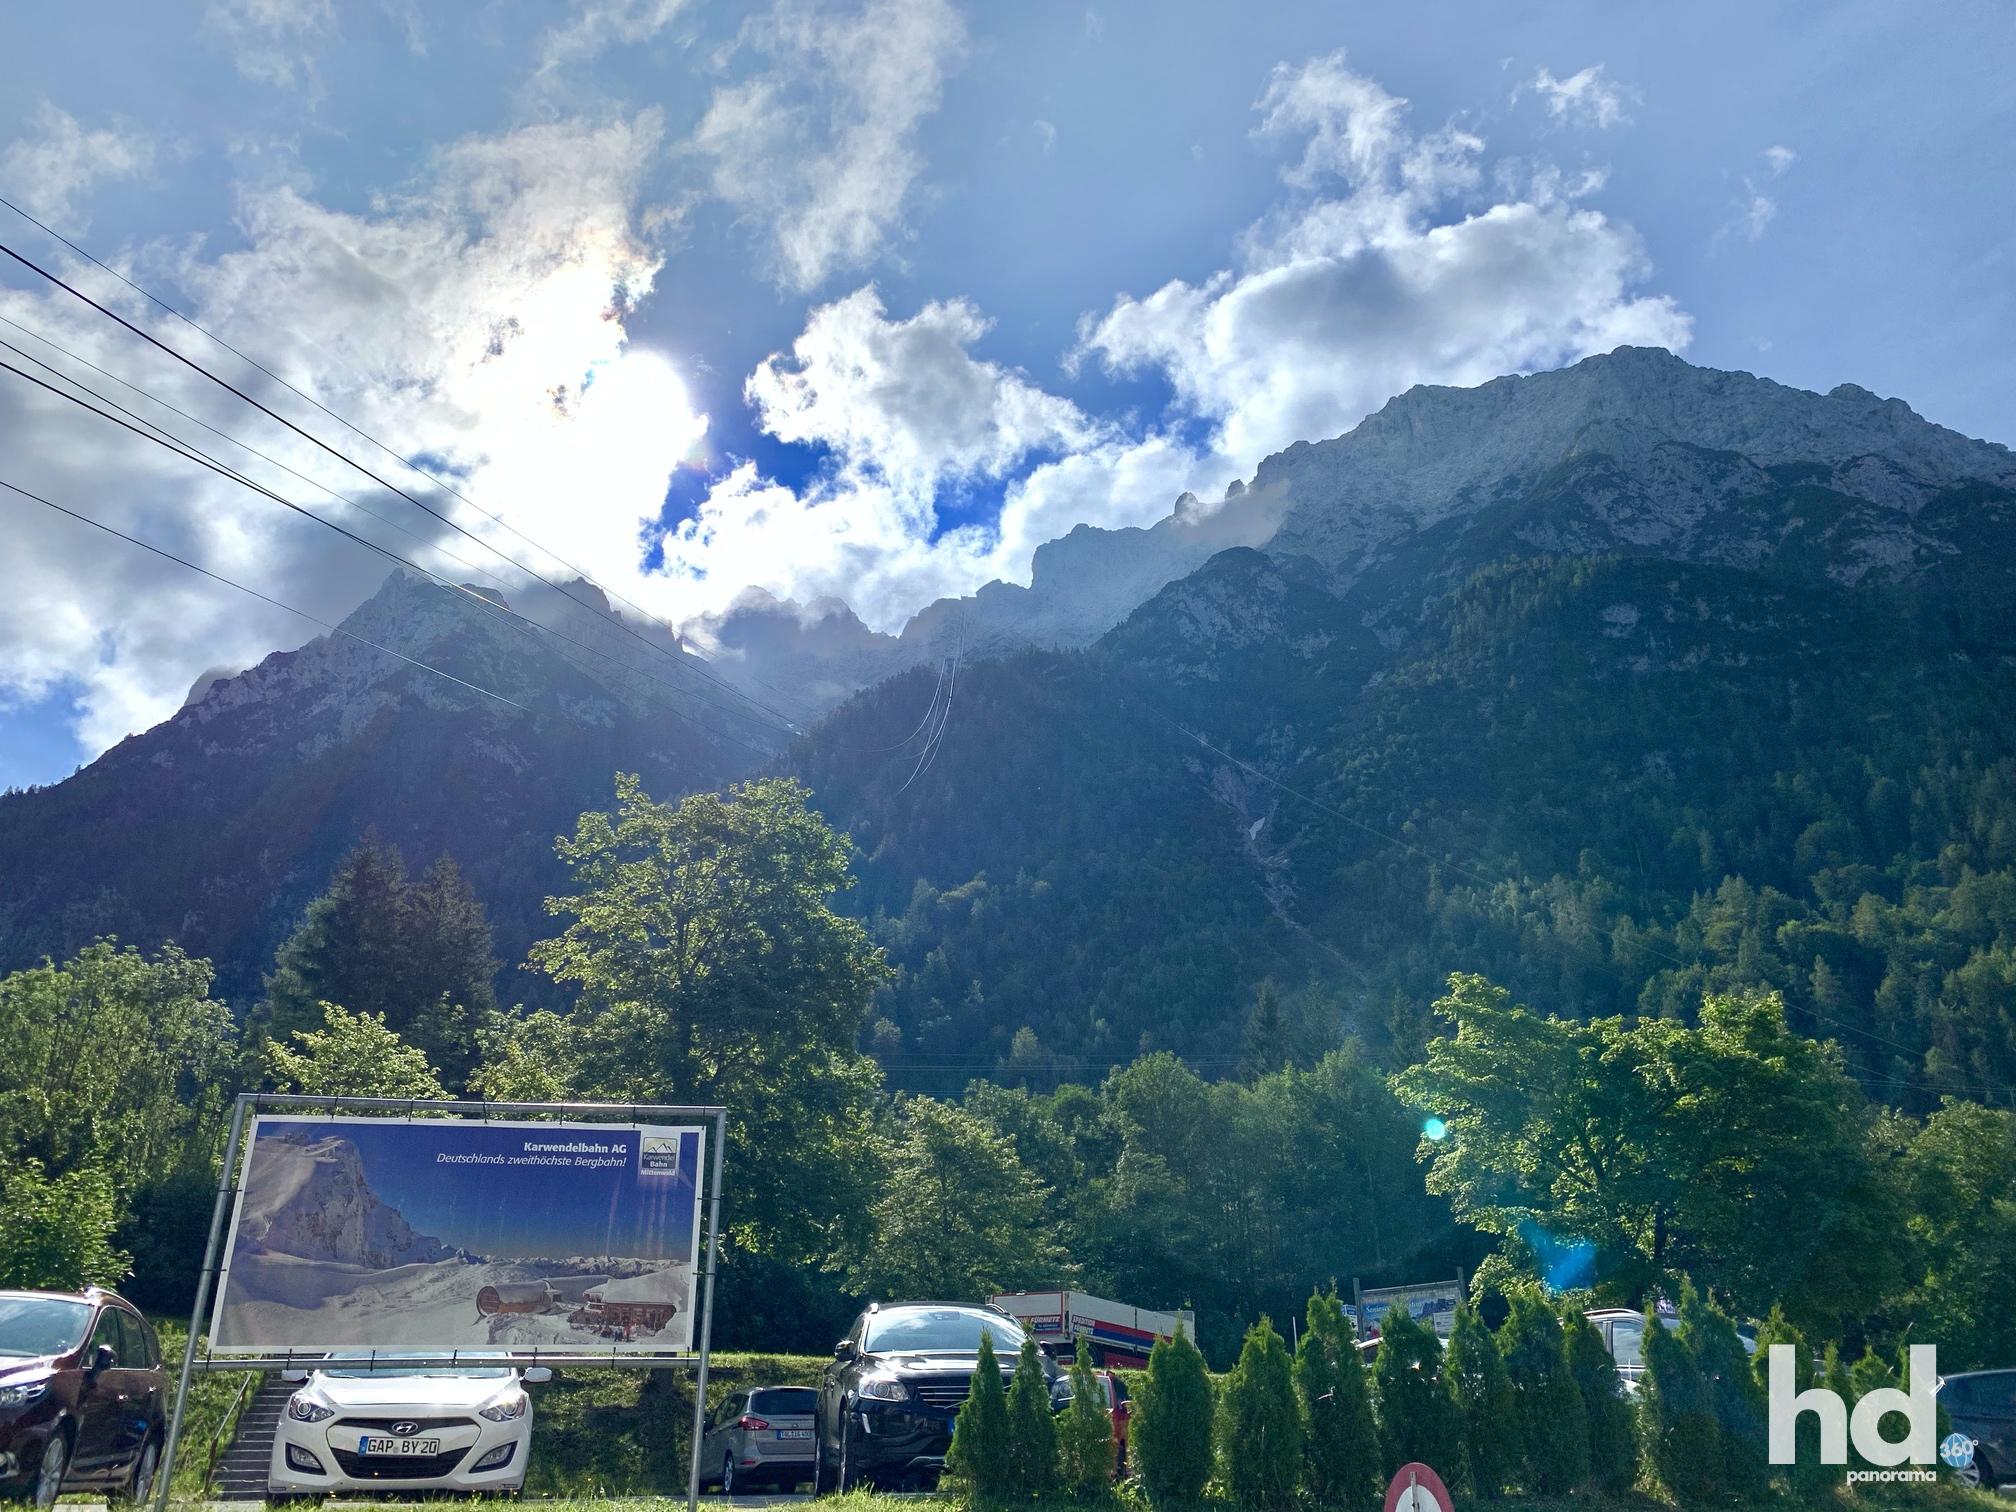 Zweithöchste Seilbahn Deutschlands, Mittenwald rauf auf den Karwendelspitz, Da oben solls rauf gehen, Foto © HD-Panorama